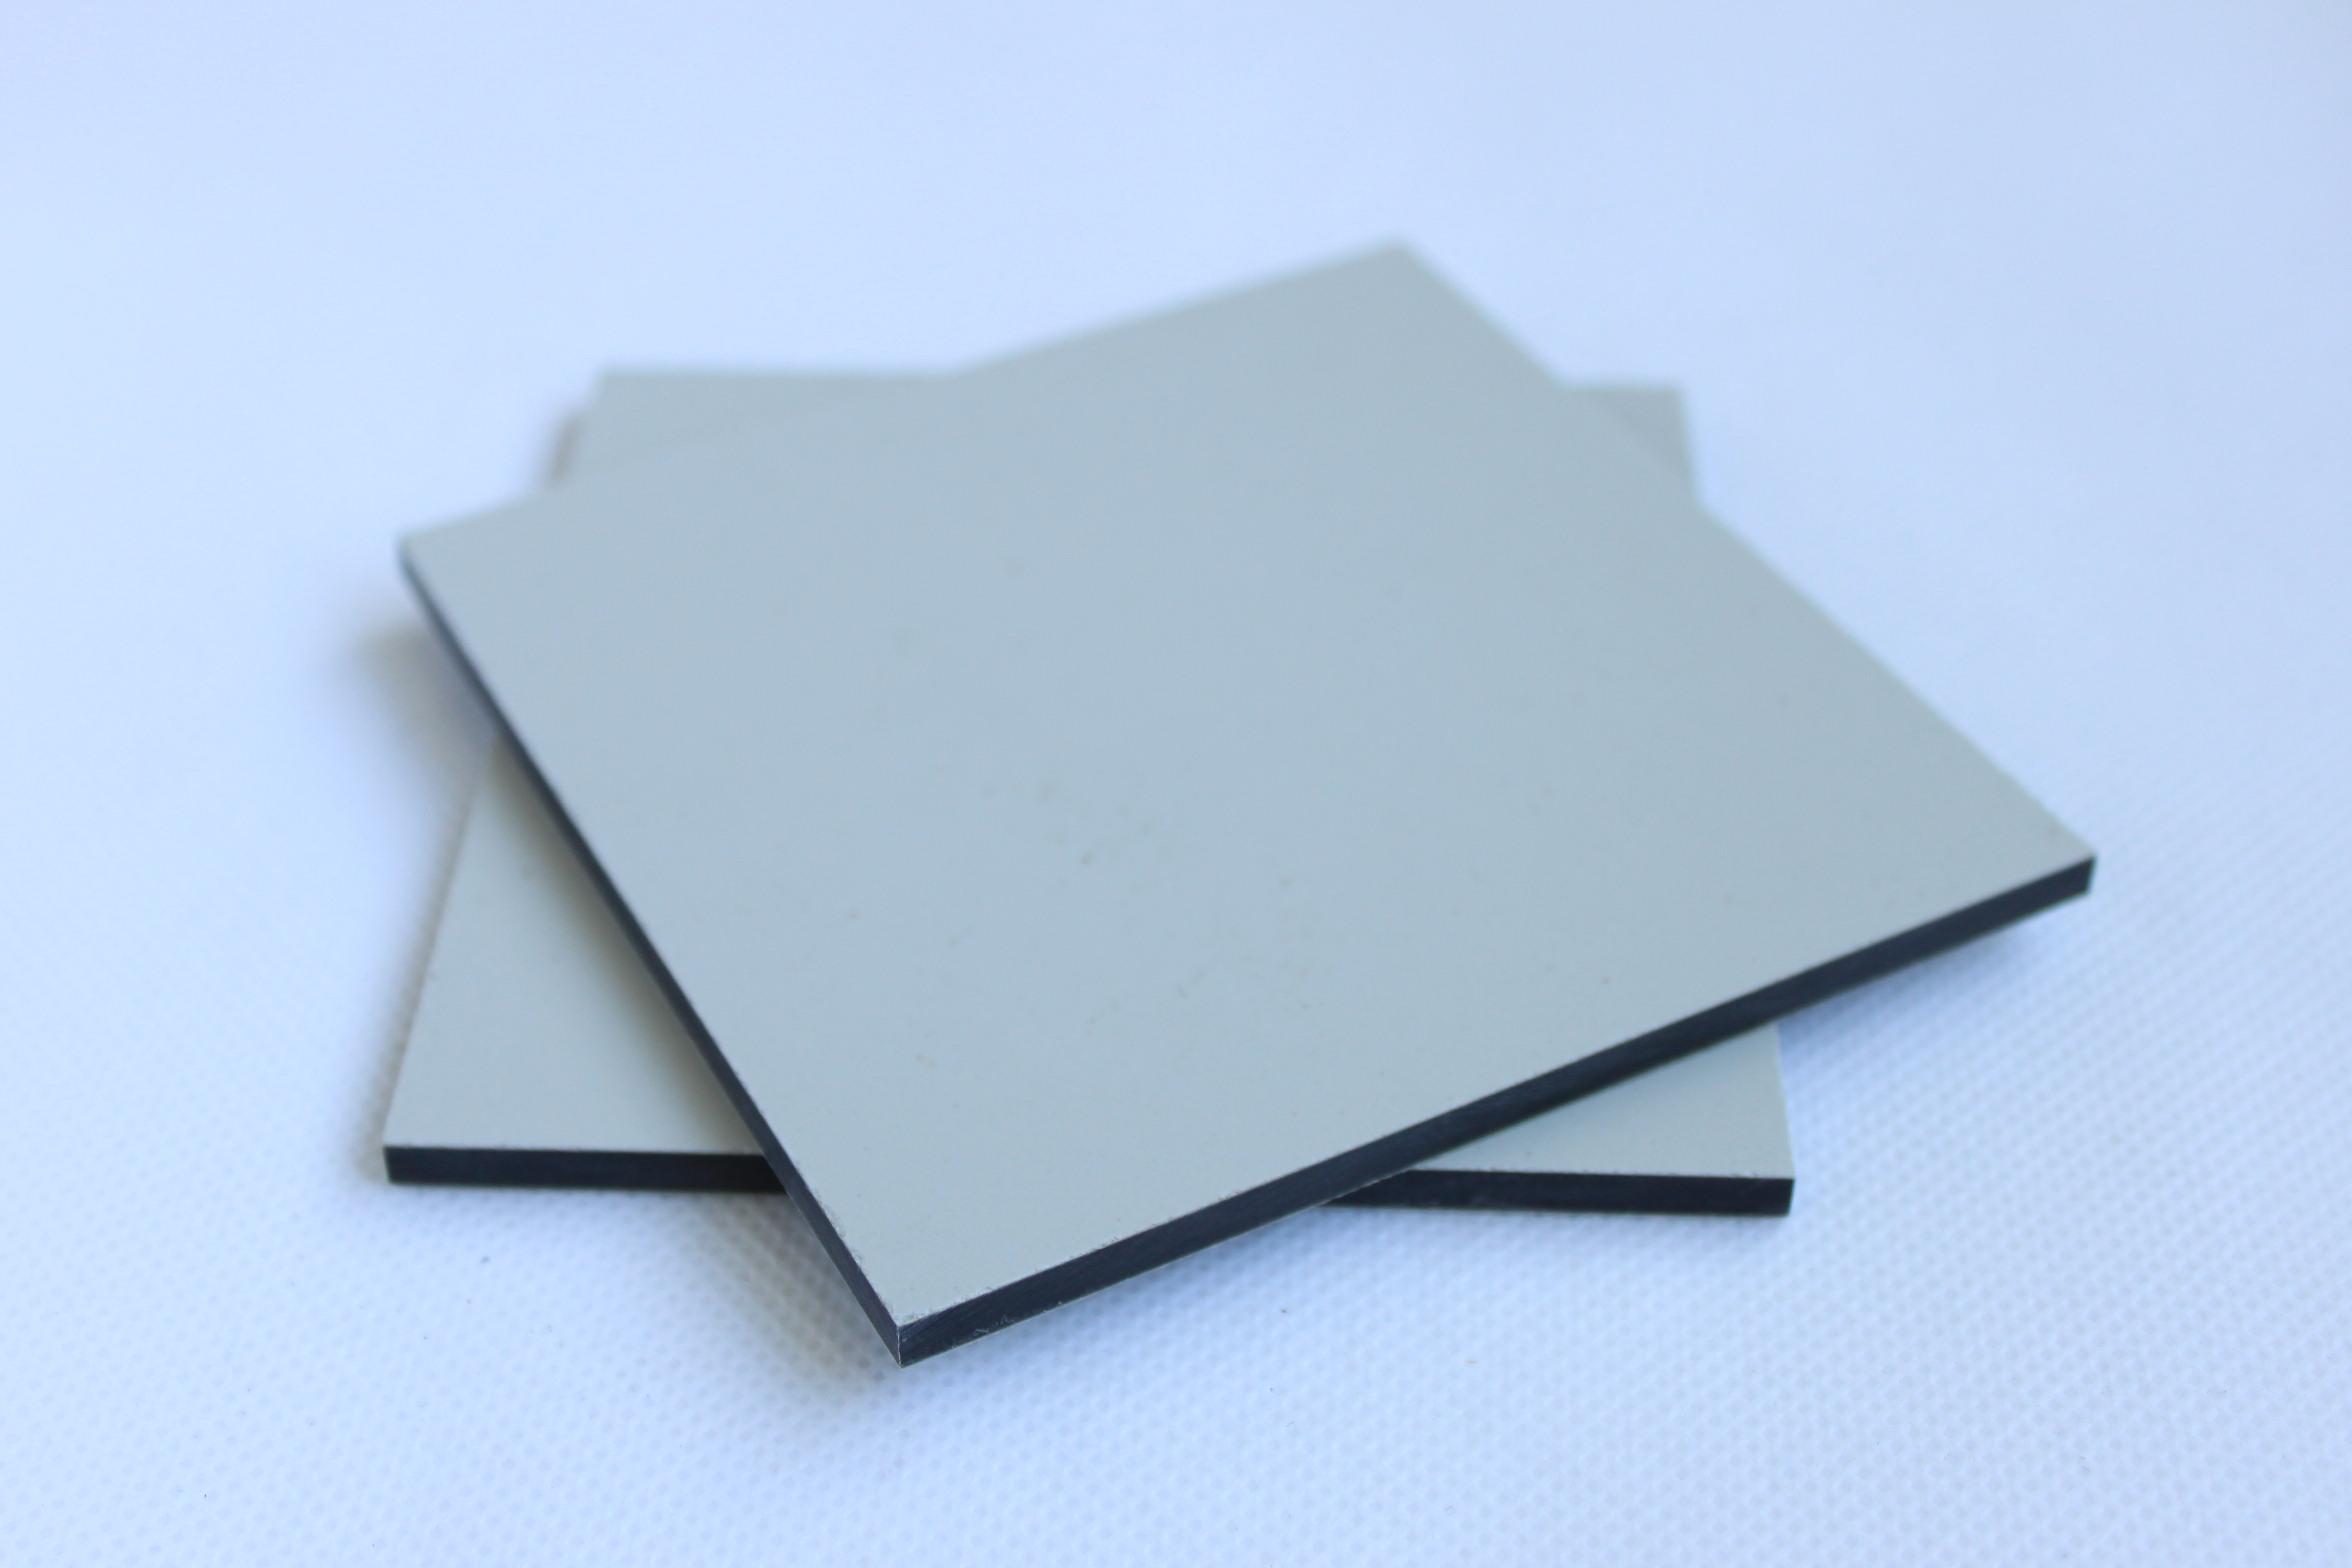 不饱和聚酯玻璃纤维增强模塑料 WS-SMC